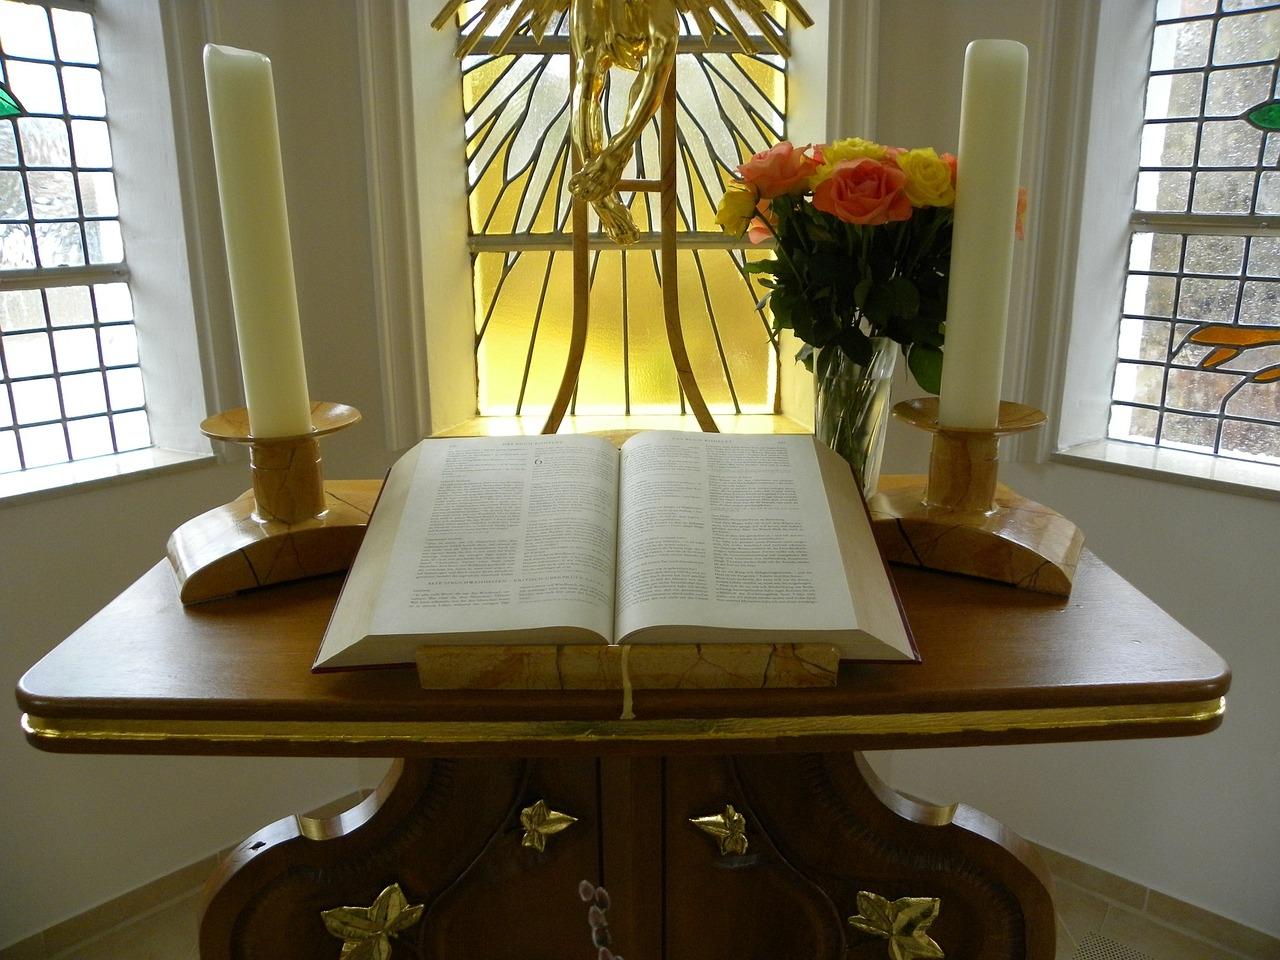 Prädikantenfortbildungsreihe Übergänge im Gottesdienst gestalten